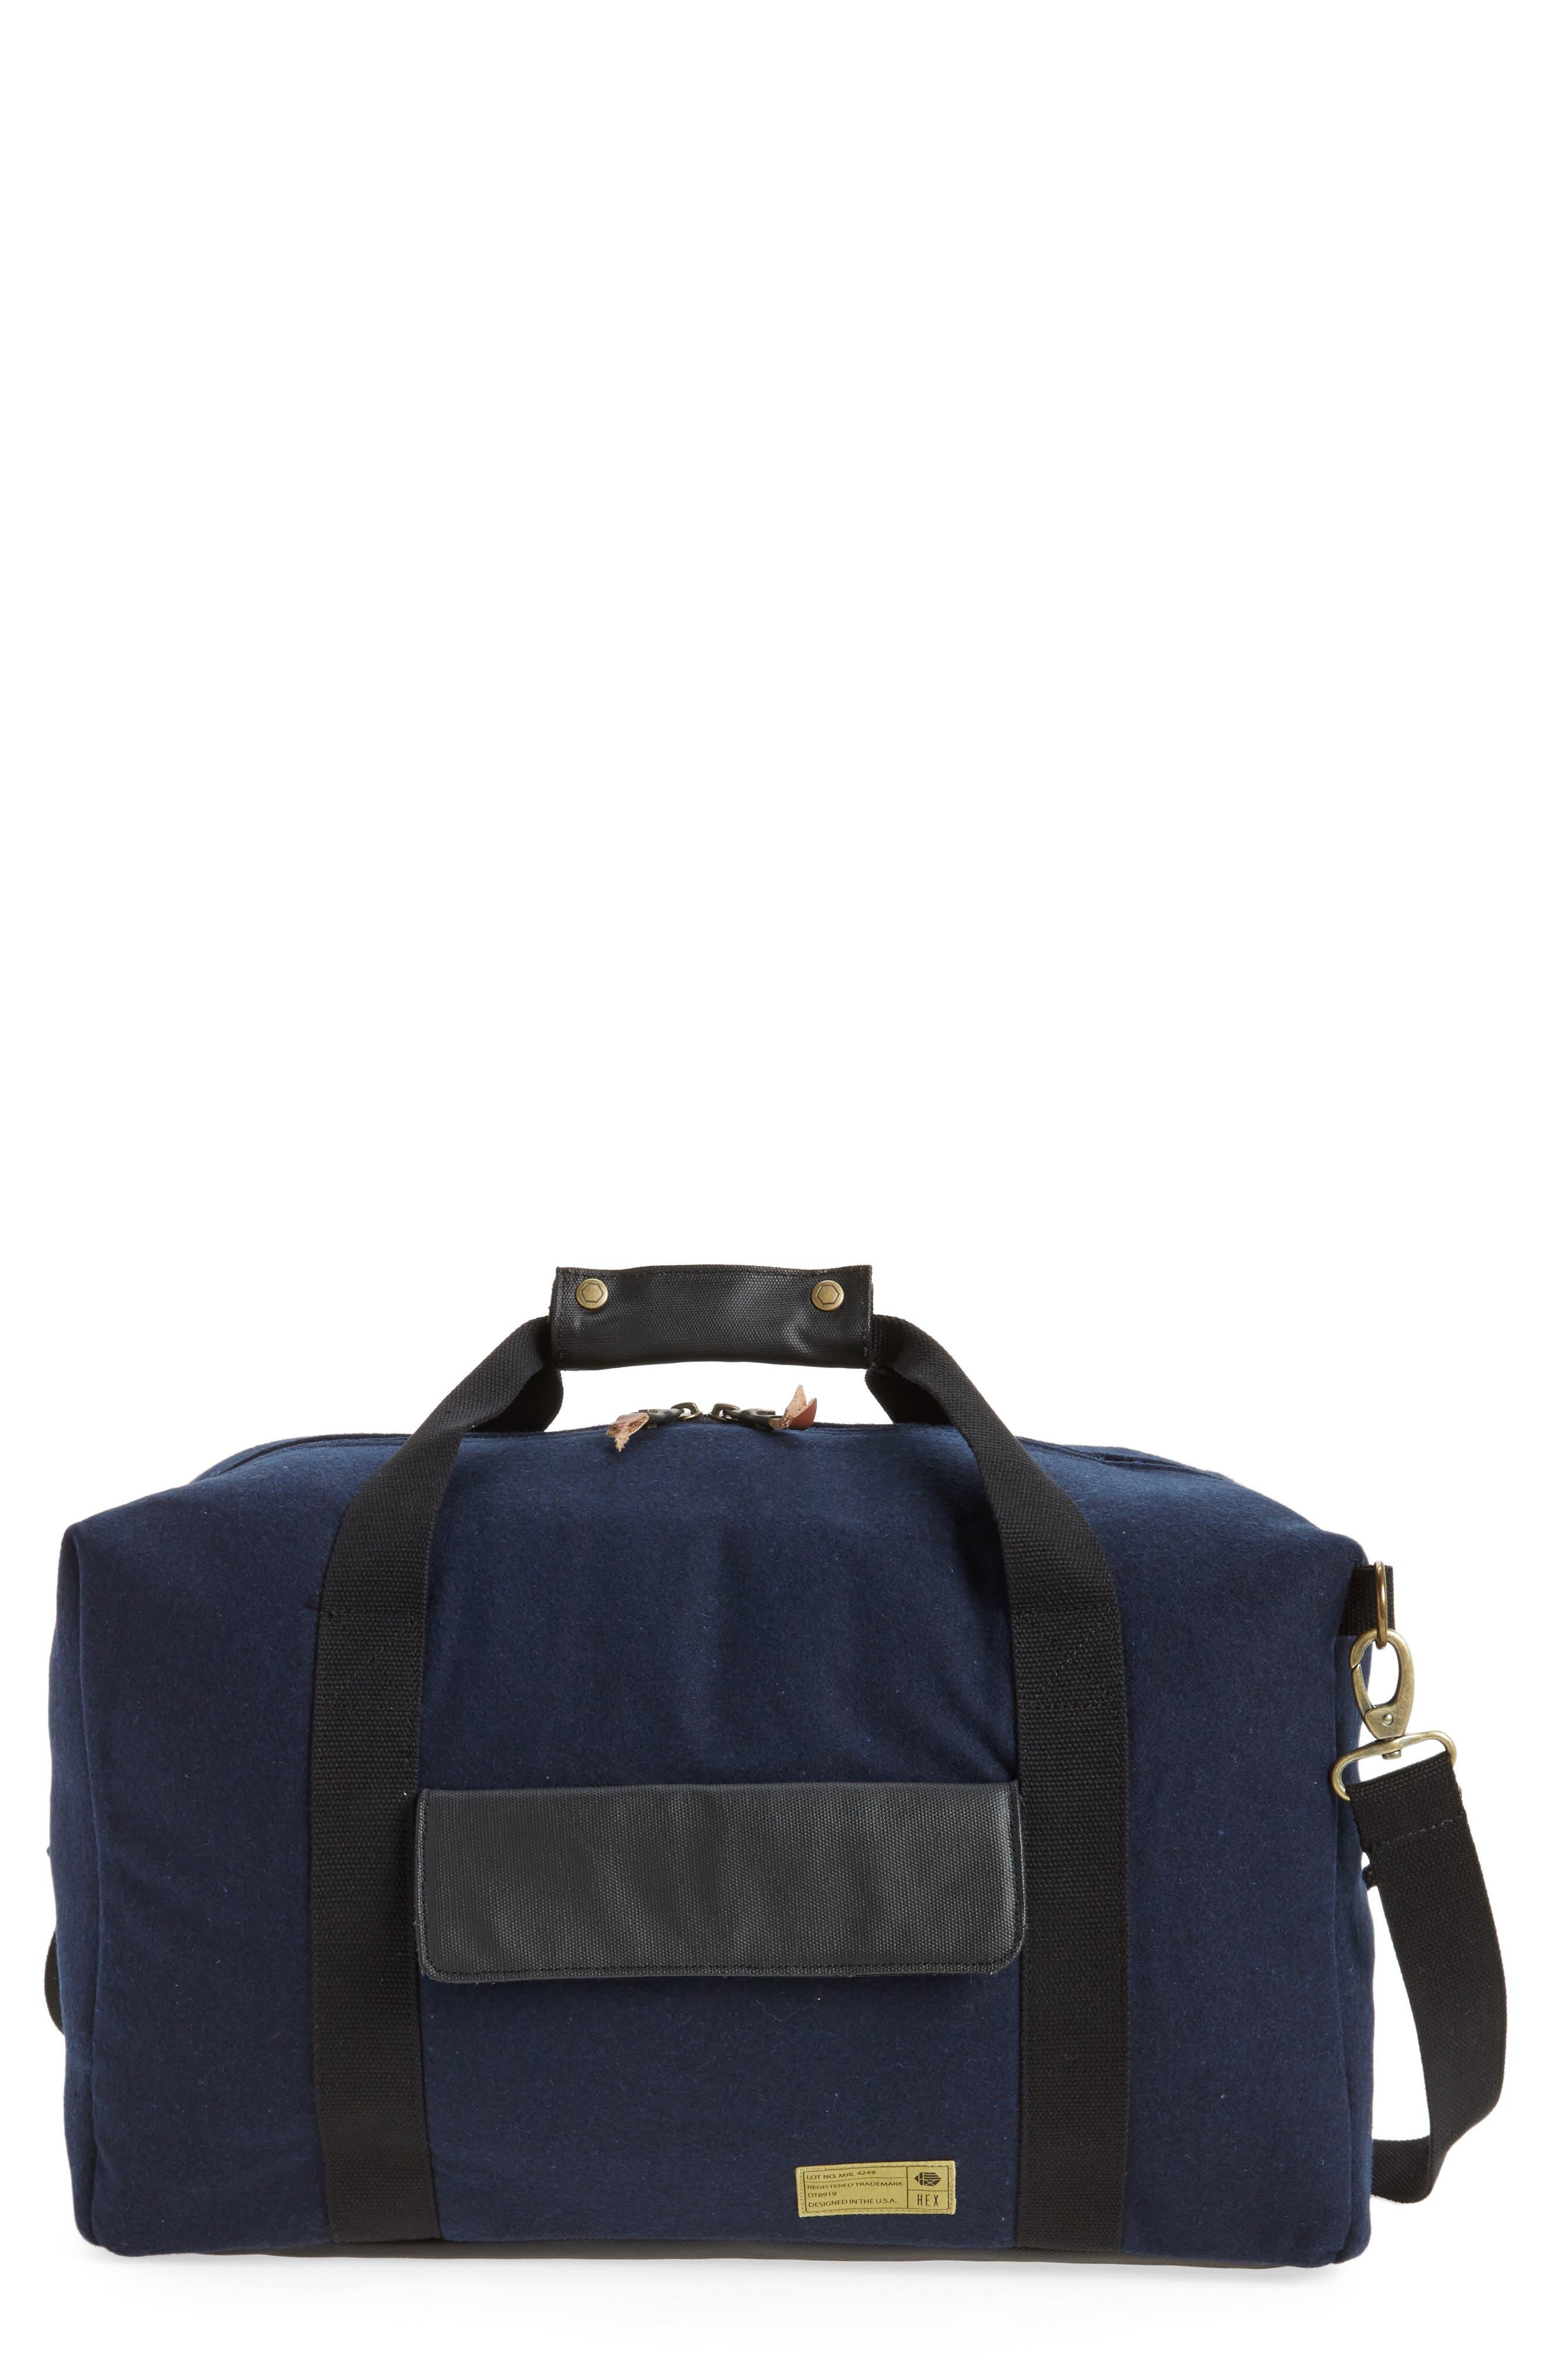 HEX Duffel Bag